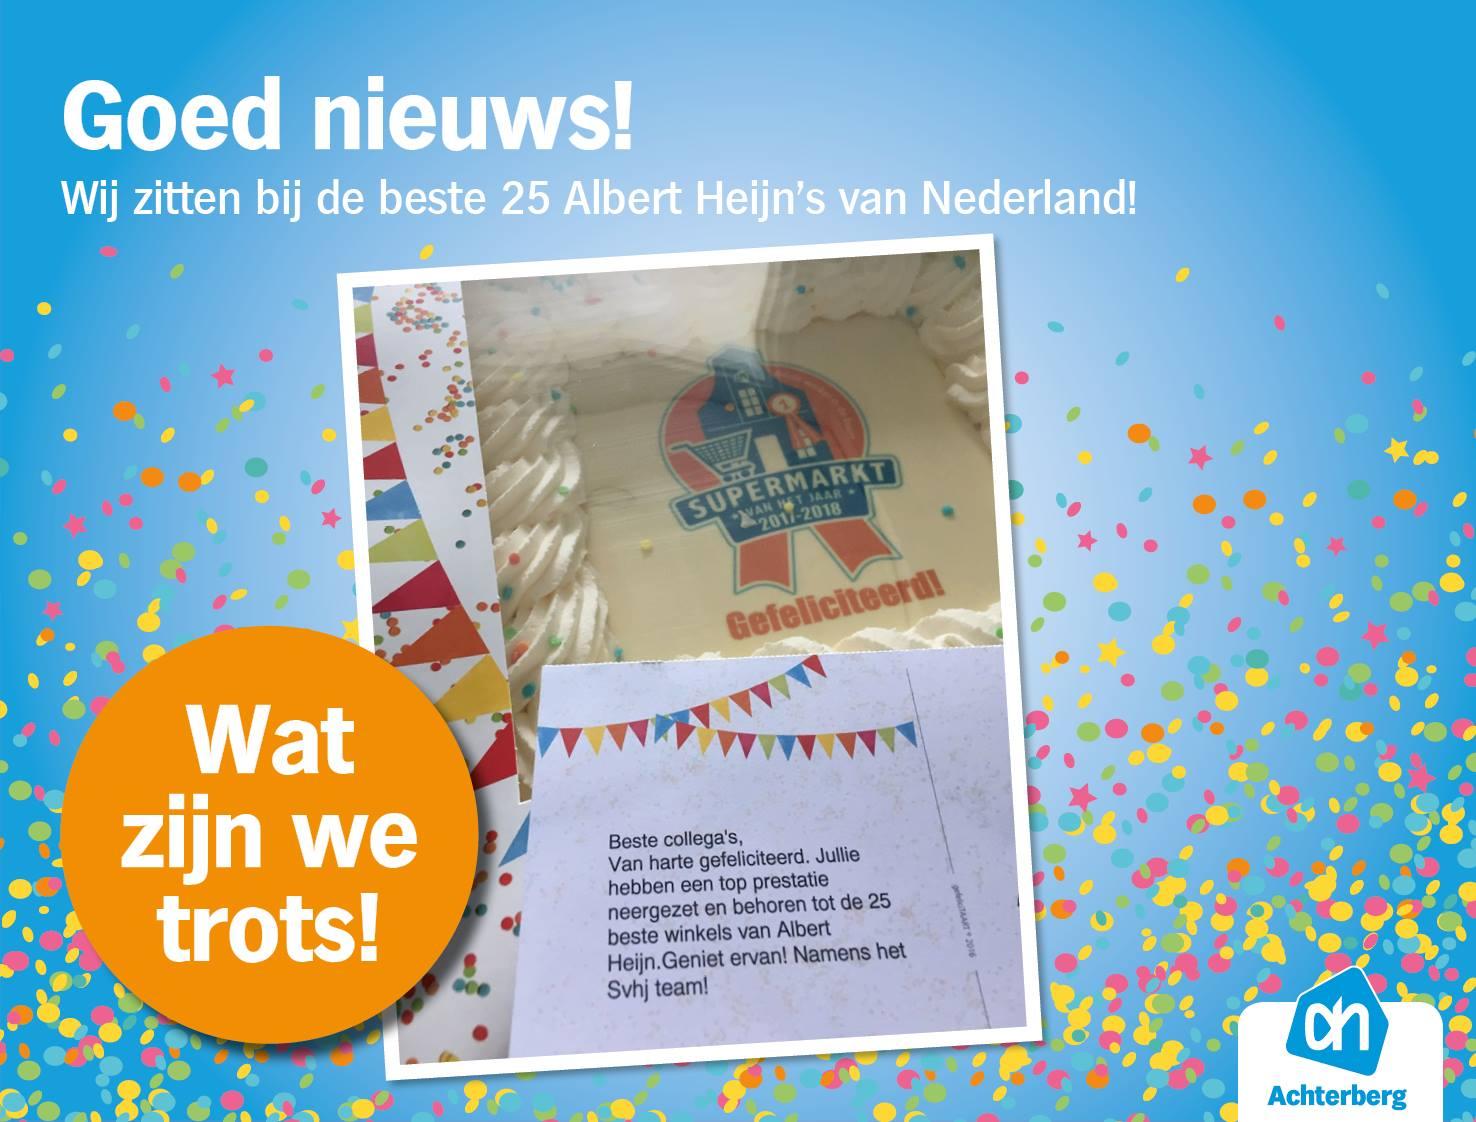 Goed nieuws! Wij zitten bij de beste 25 Albert Heijn's van Nederland!